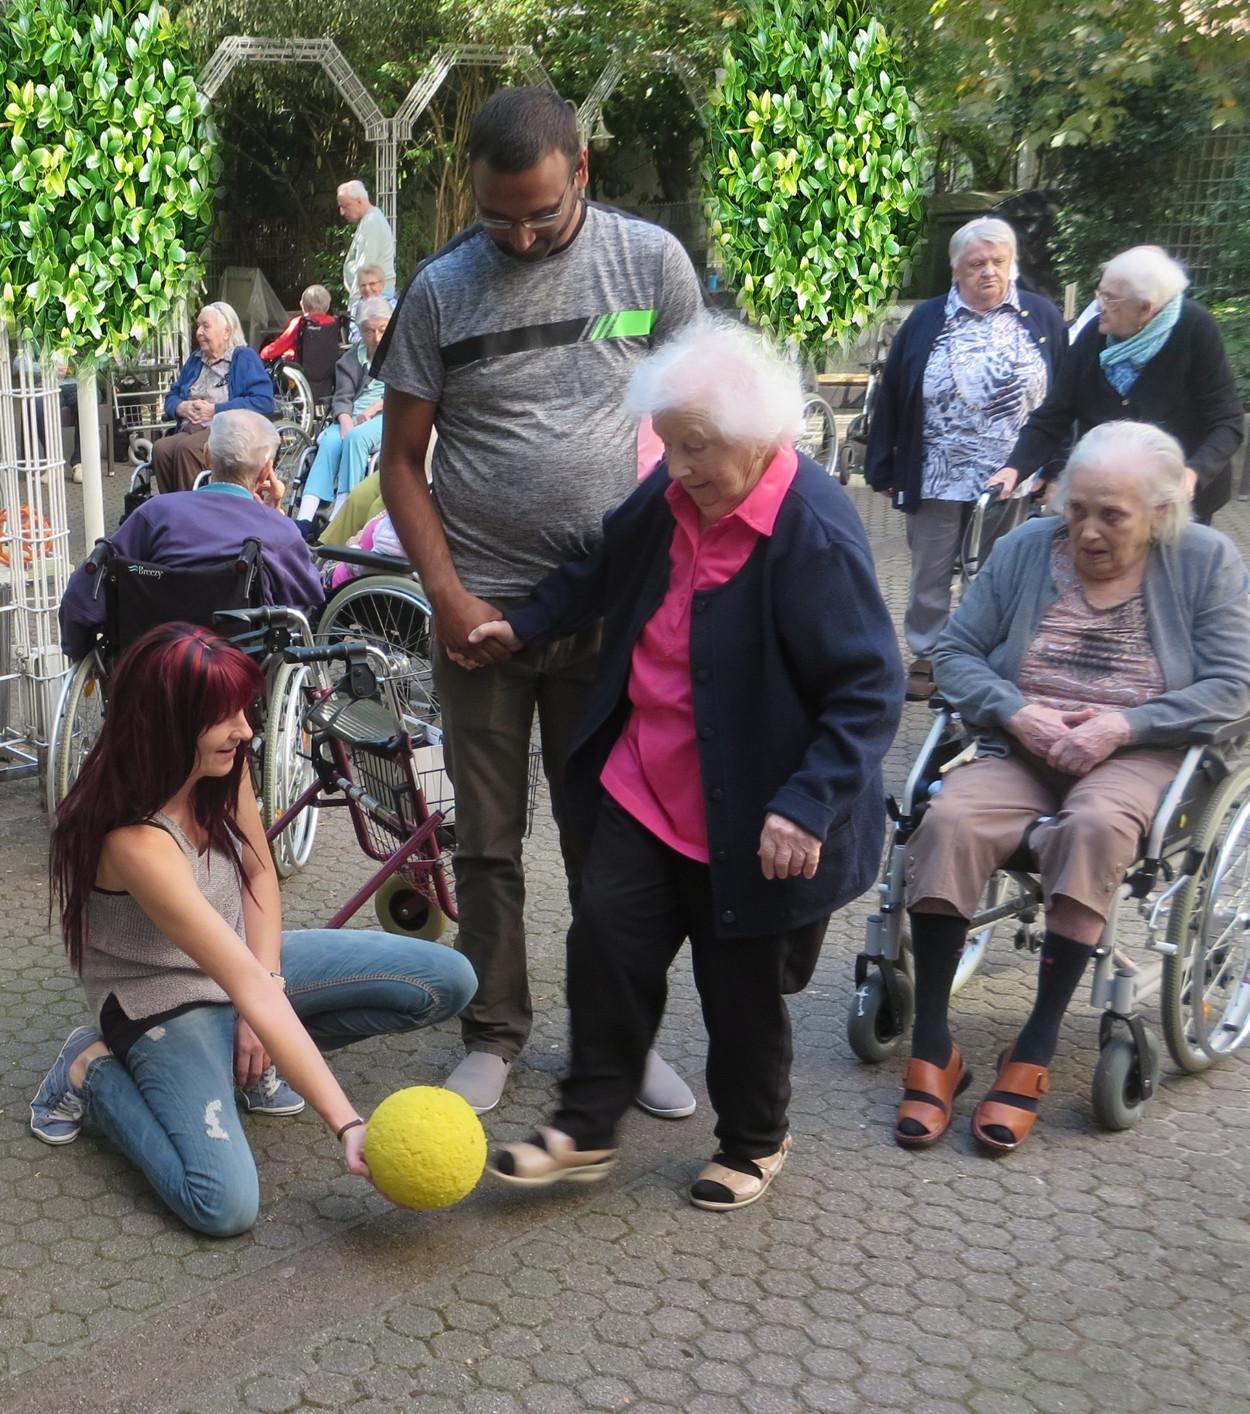 Eine Frau kniet auf dem Boden und hält einen Ball fest, den einen